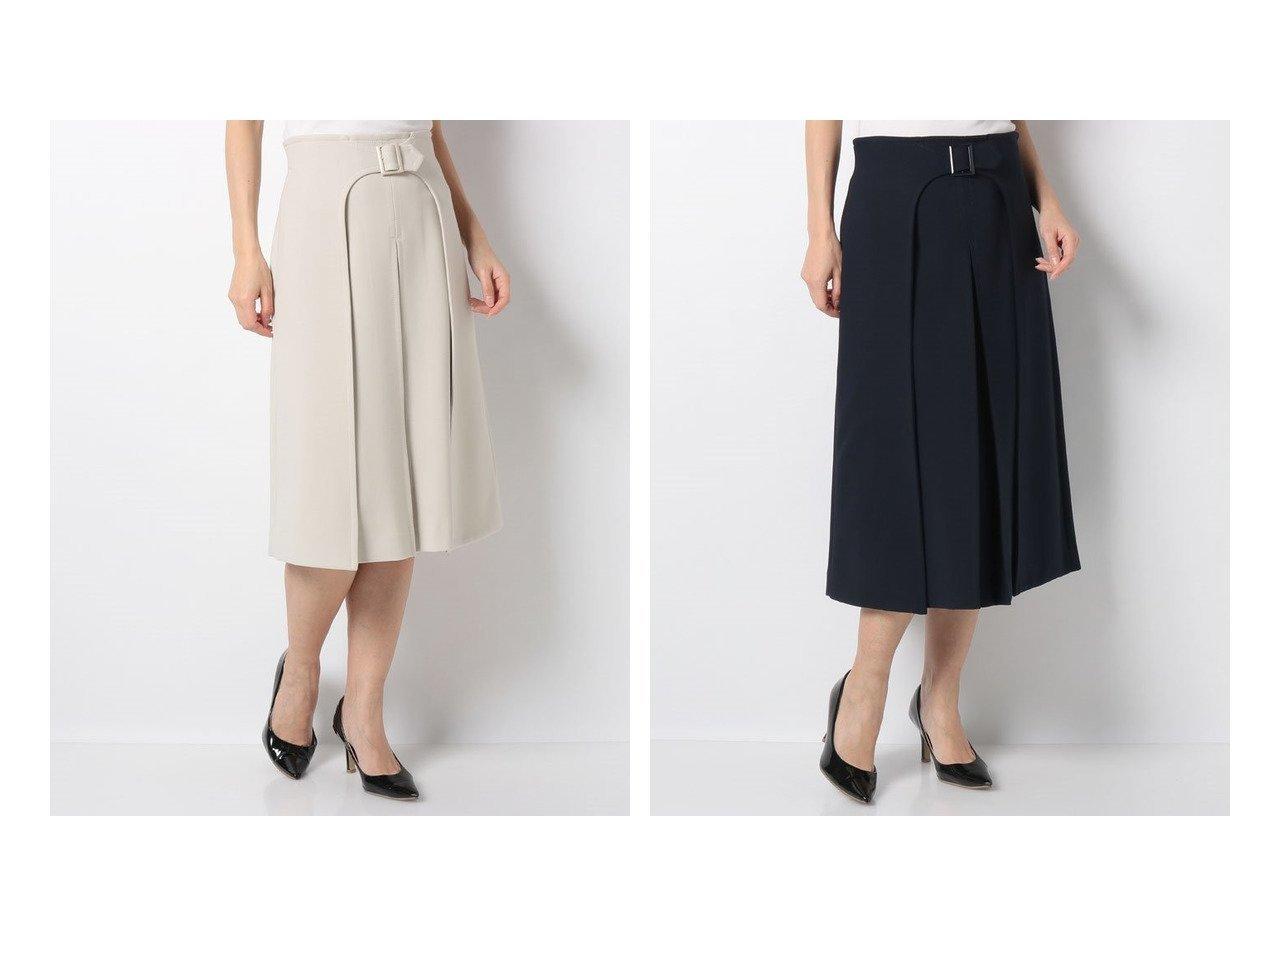 【ANAYI/アナイ】のダブルクロススカート アナイのおすすめ!人気、トレンド・レディースファッションの通販  おすすめで人気の流行・トレンド、ファッションの通販商品 メンズファッション・キッズファッション・インテリア・家具・レディースファッション・服の通販 founy(ファニー) https://founy.com/ ファッション Fashion レディースファッション WOMEN スカート Skirt おすすめ Recommend エアリー ジャケット フロント |ID:crp329100000022138